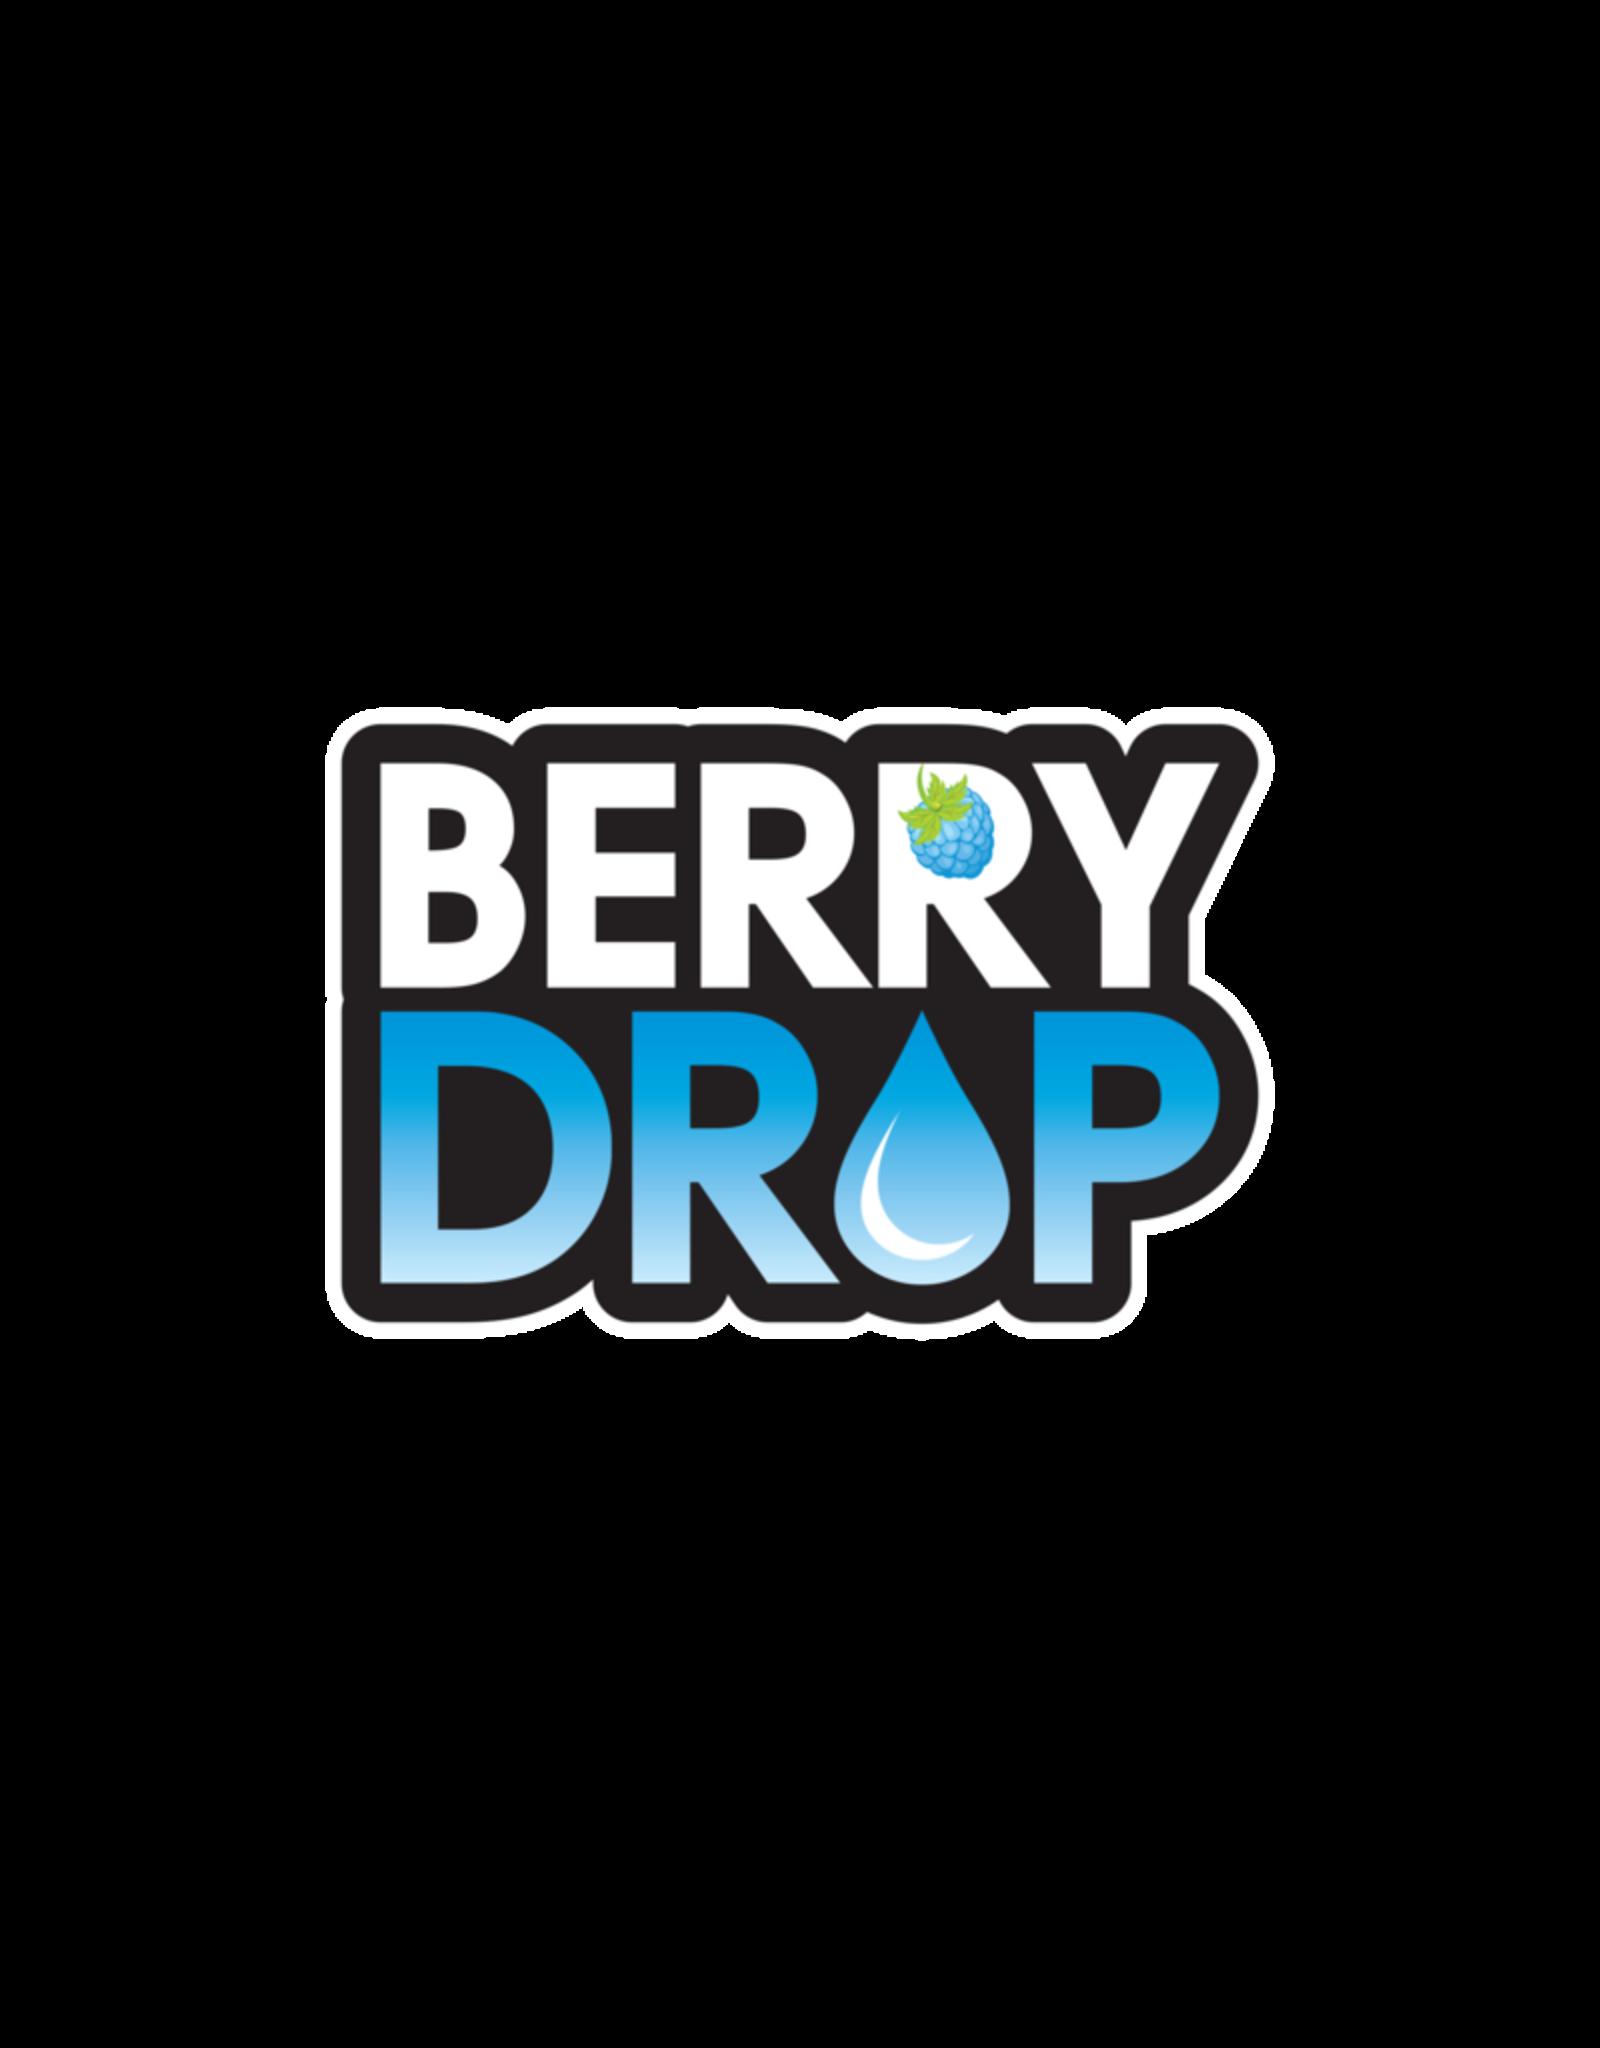 BERRY DROP